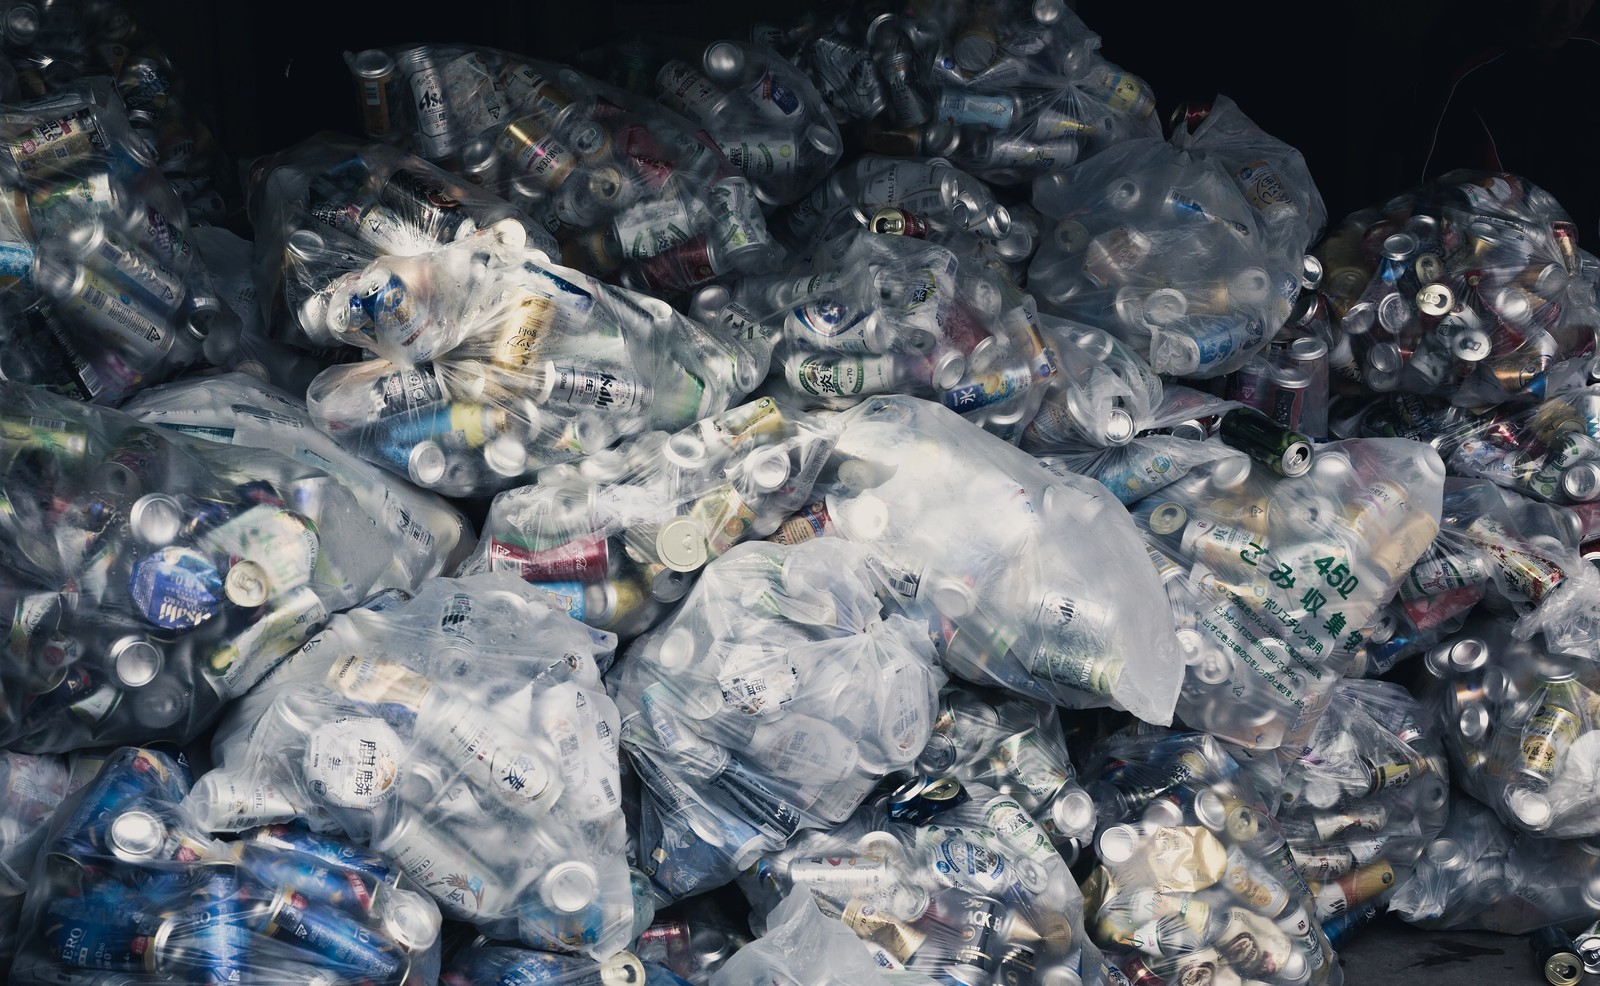 「リサイクルに持ち込まれた空き缶」の写真